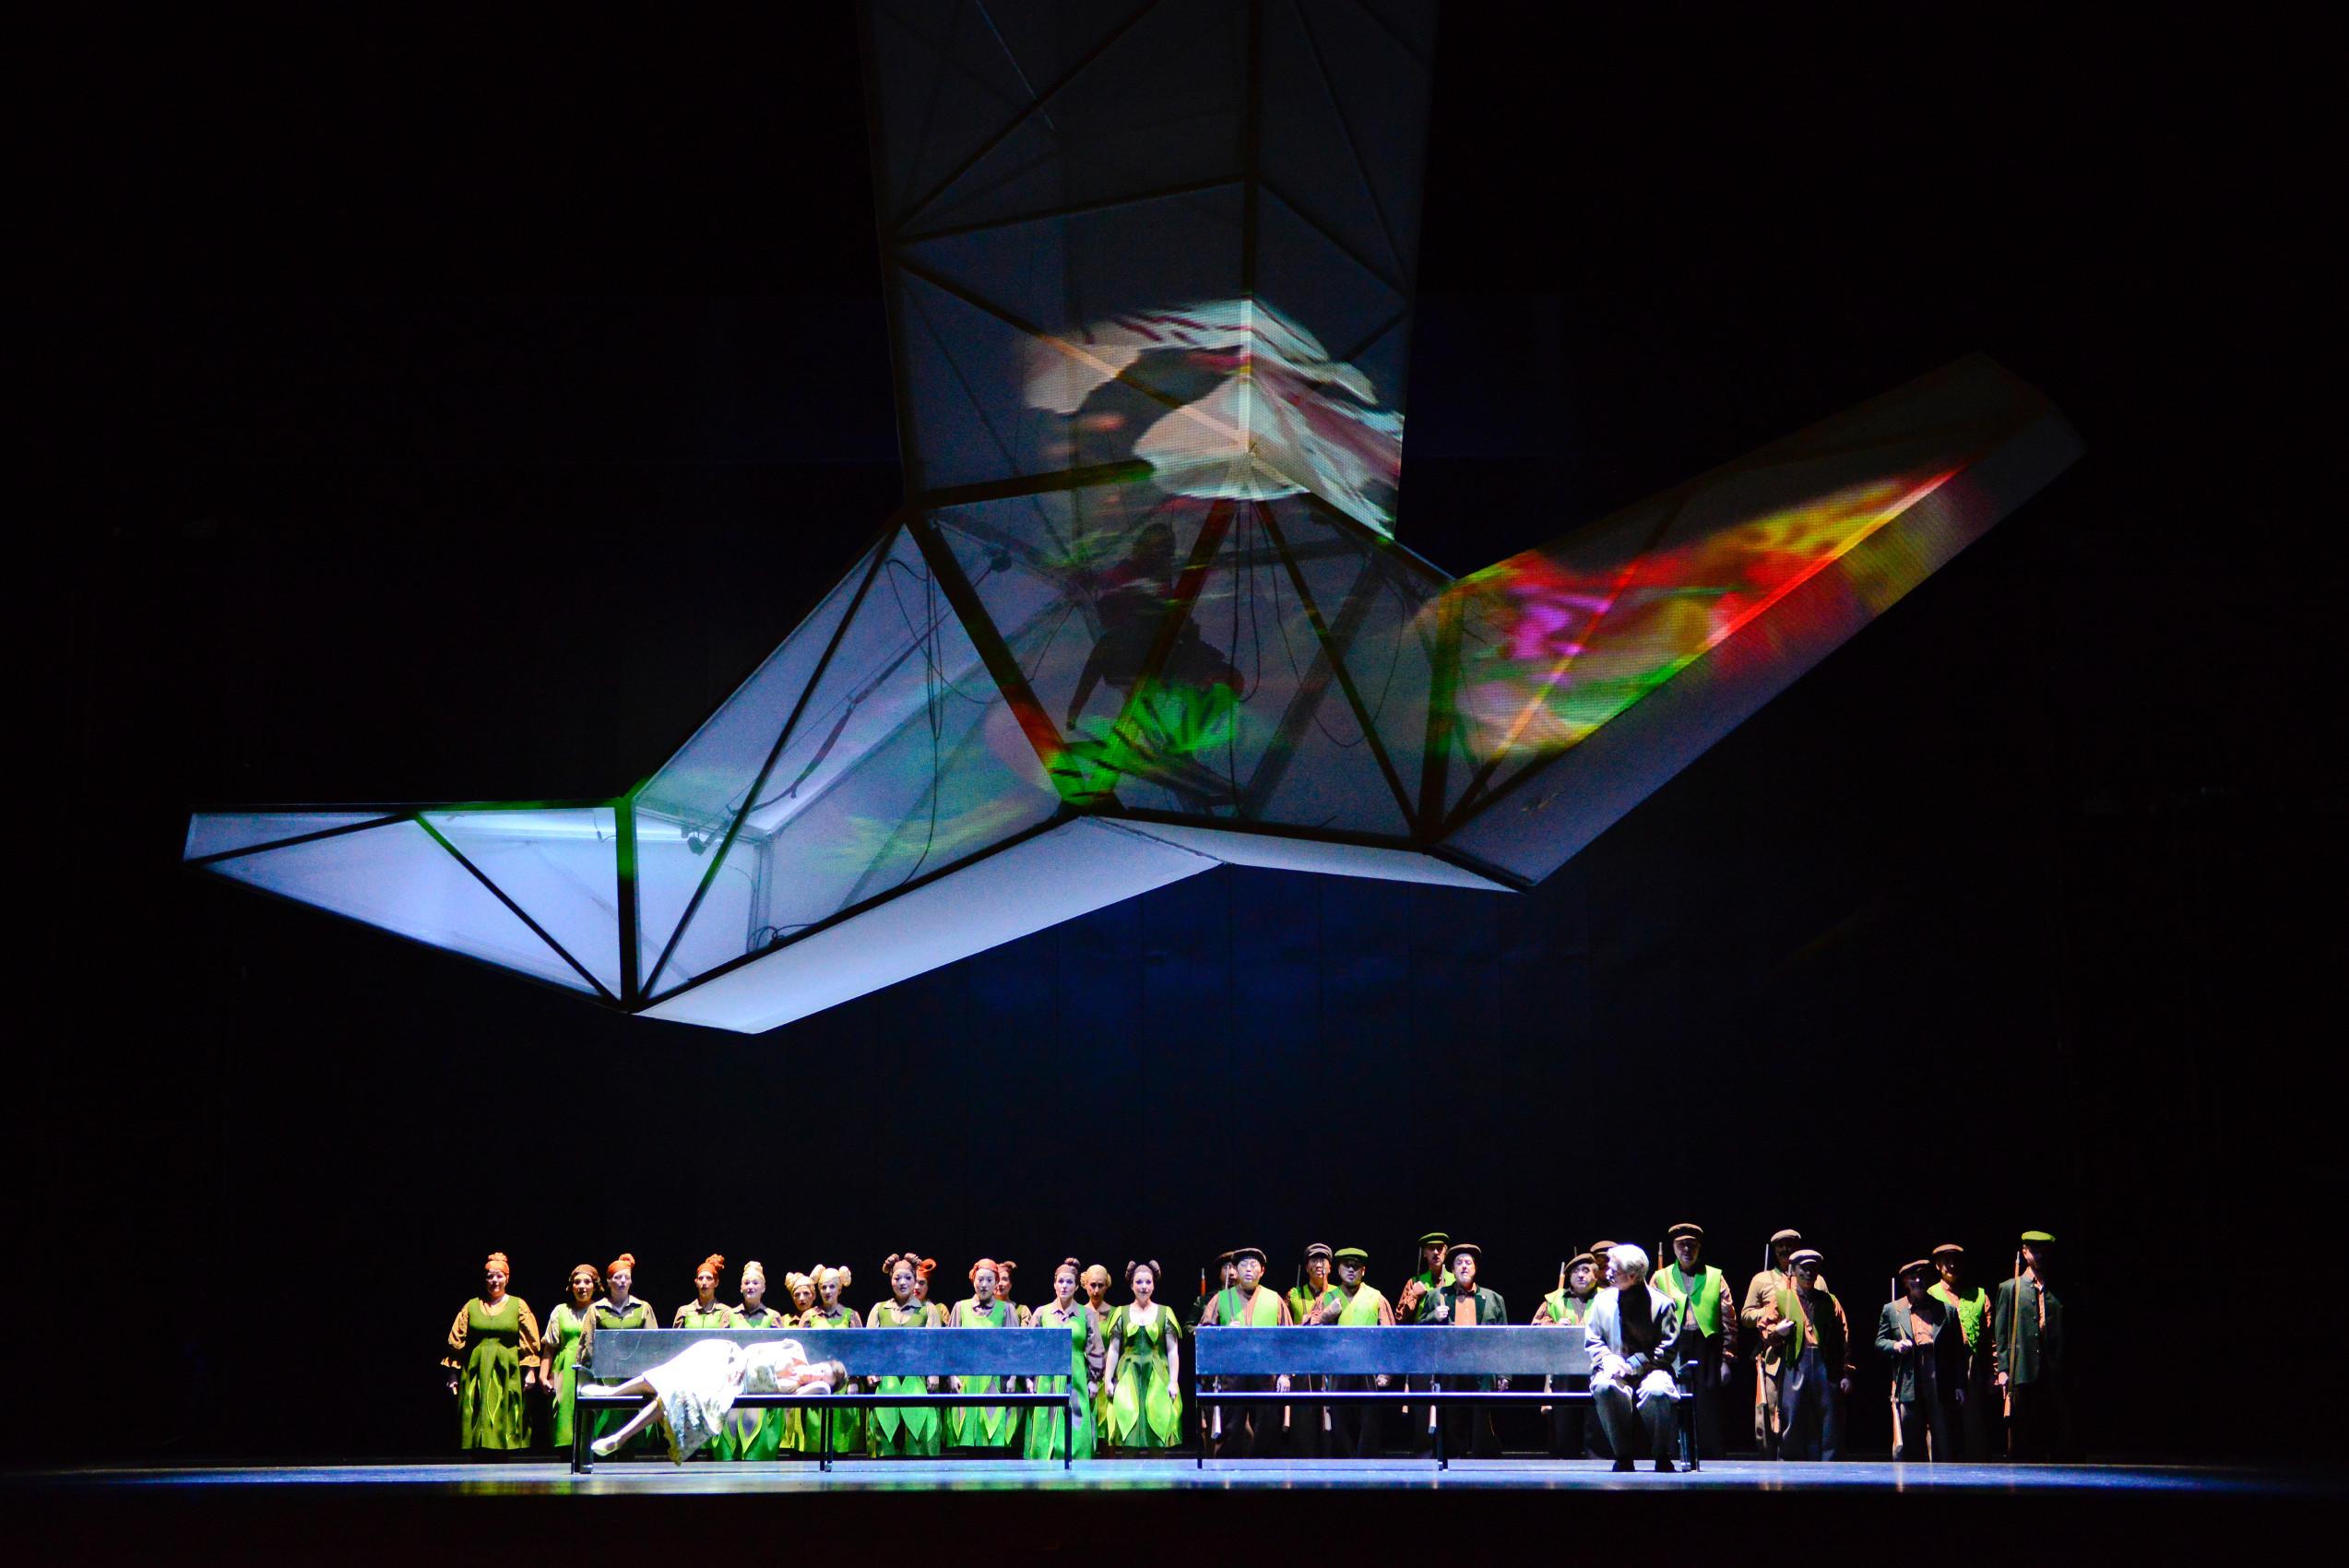 """In dieser hängenden Installation ist der Wurm drin, """"Luisa Miller"""" von Giuseppe Verdi am Staatstheater Kassel, Foto: N. Klinger"""